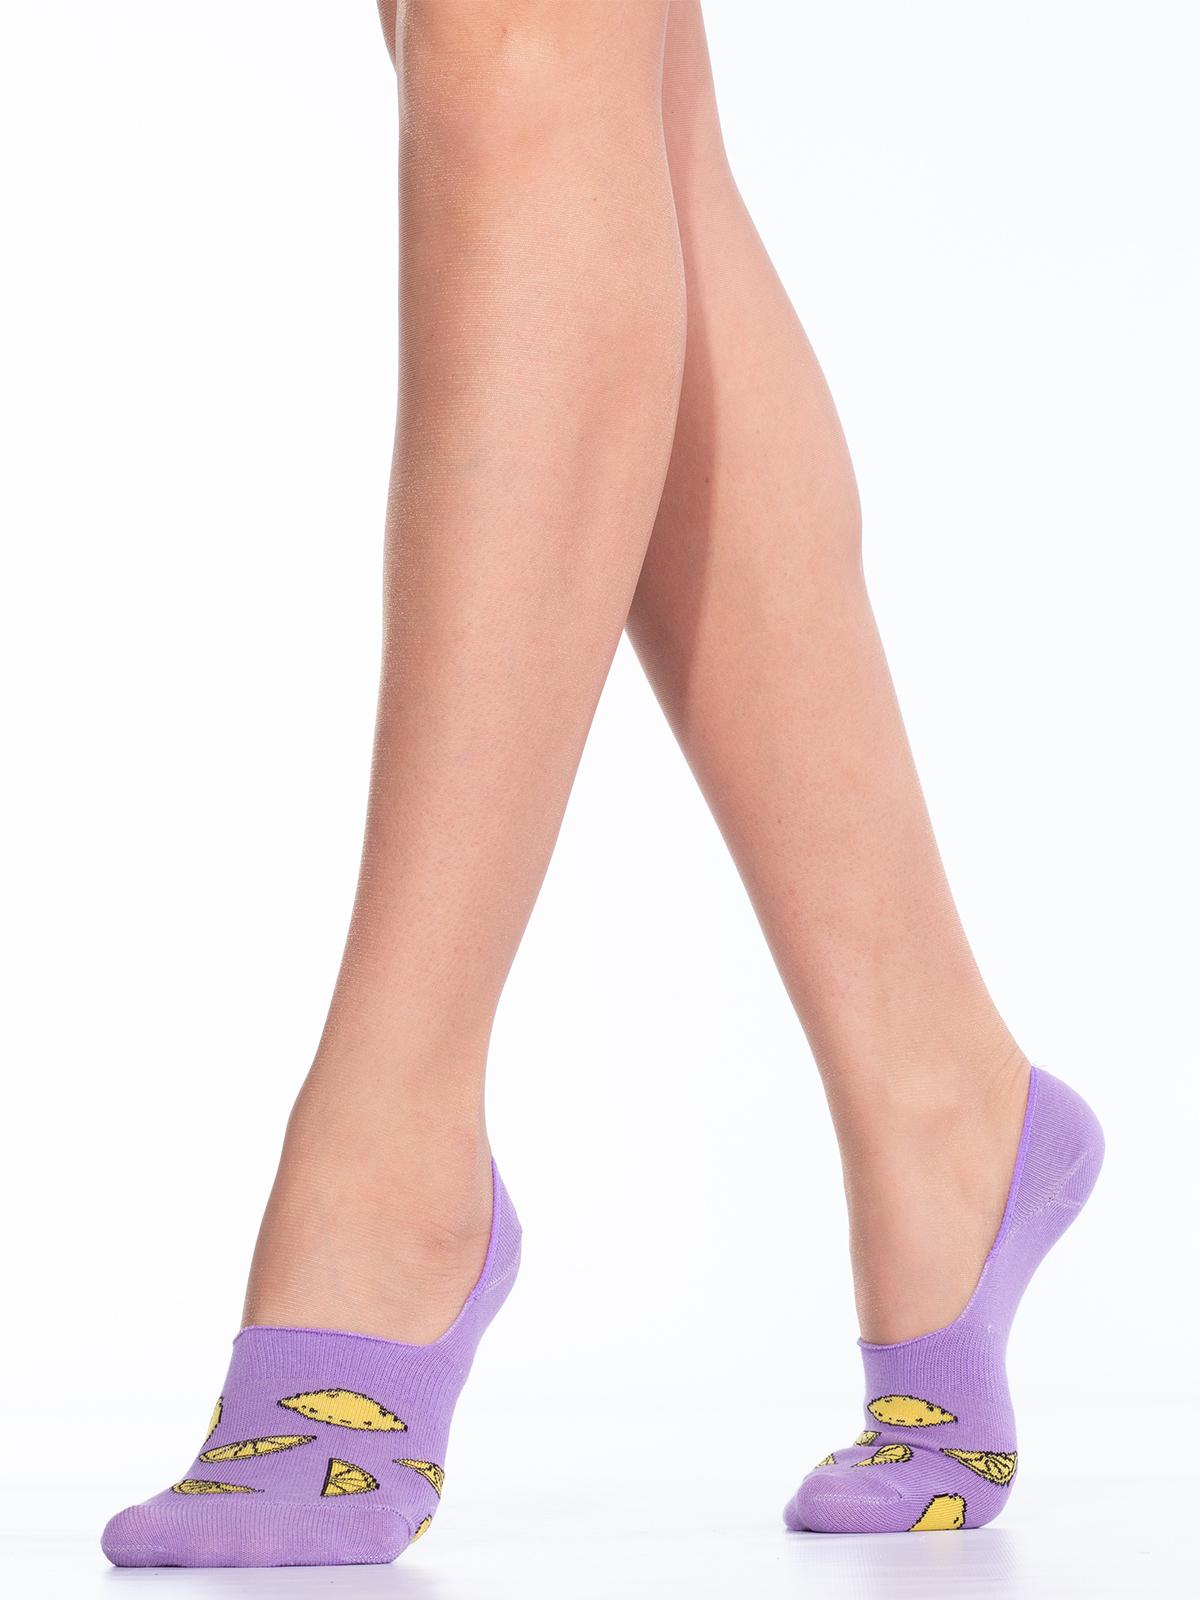 Подследники женские Giulia фиолетовые 39-40